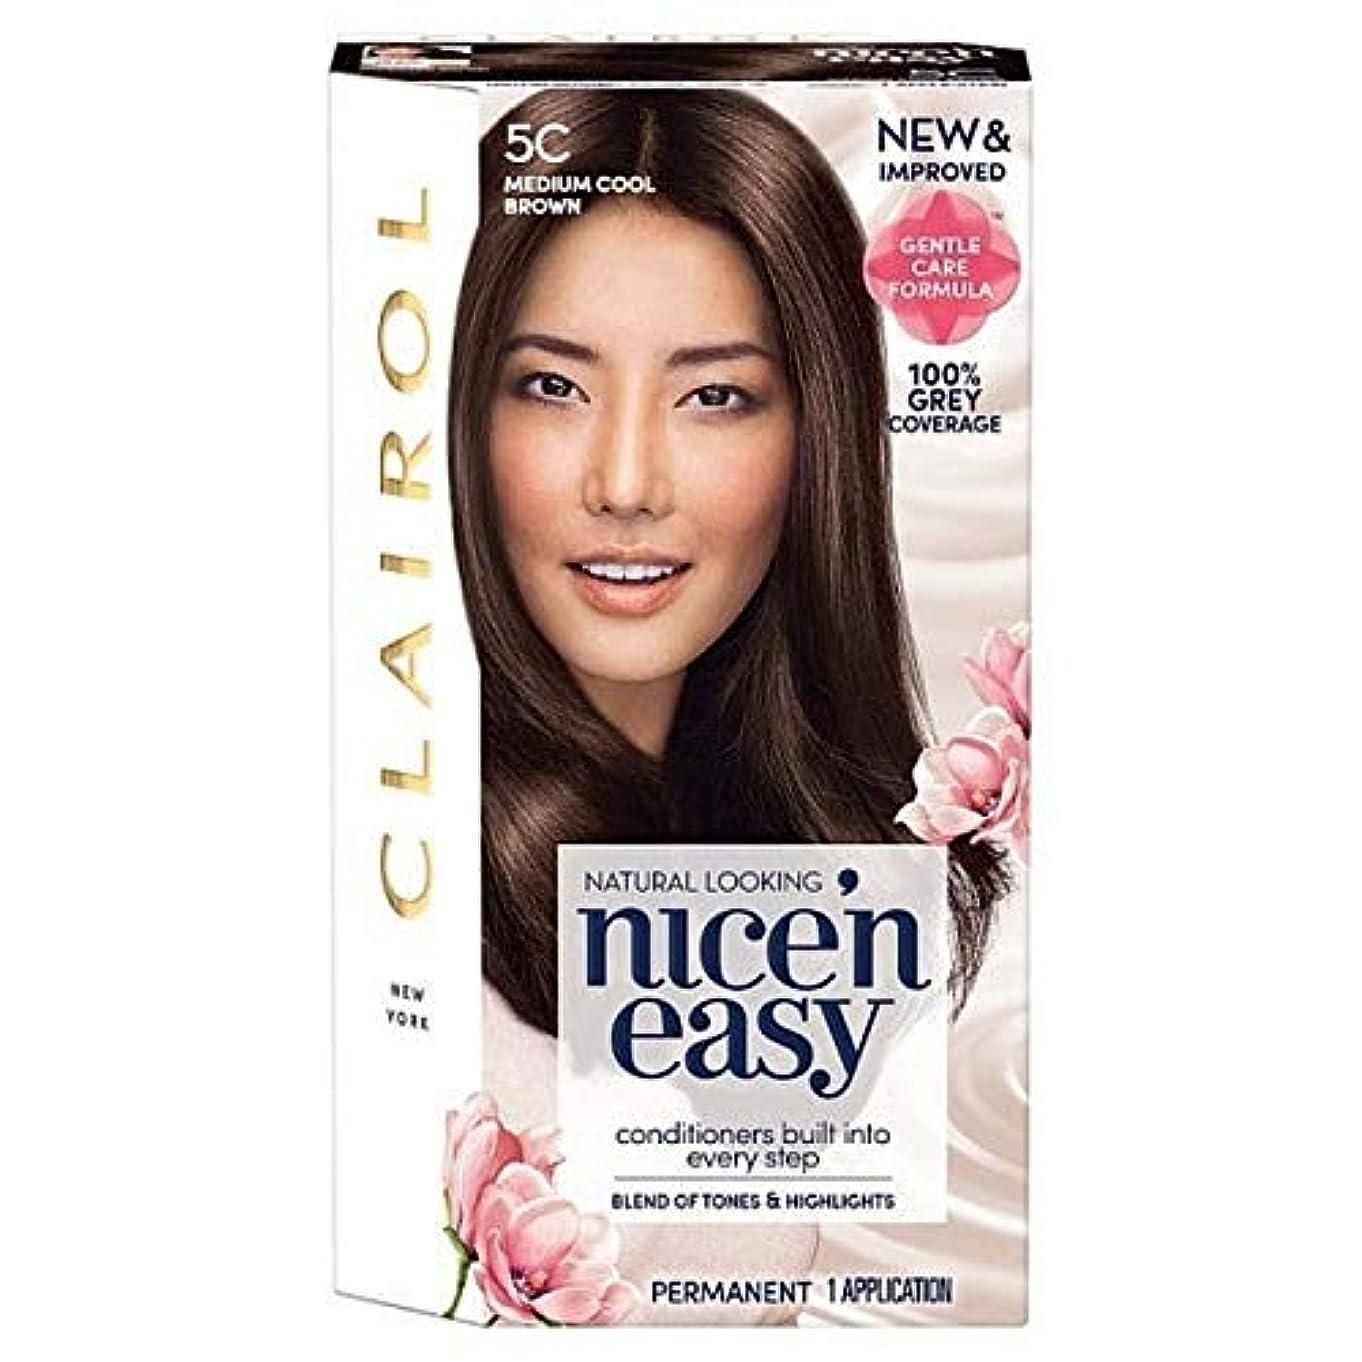 トーク排他的ロボット[Nice'n Easy] Nice'N簡単な図5C媒体クールブラウン - Nice'n Easy 5C Medium Cool Brown [並行輸入品]